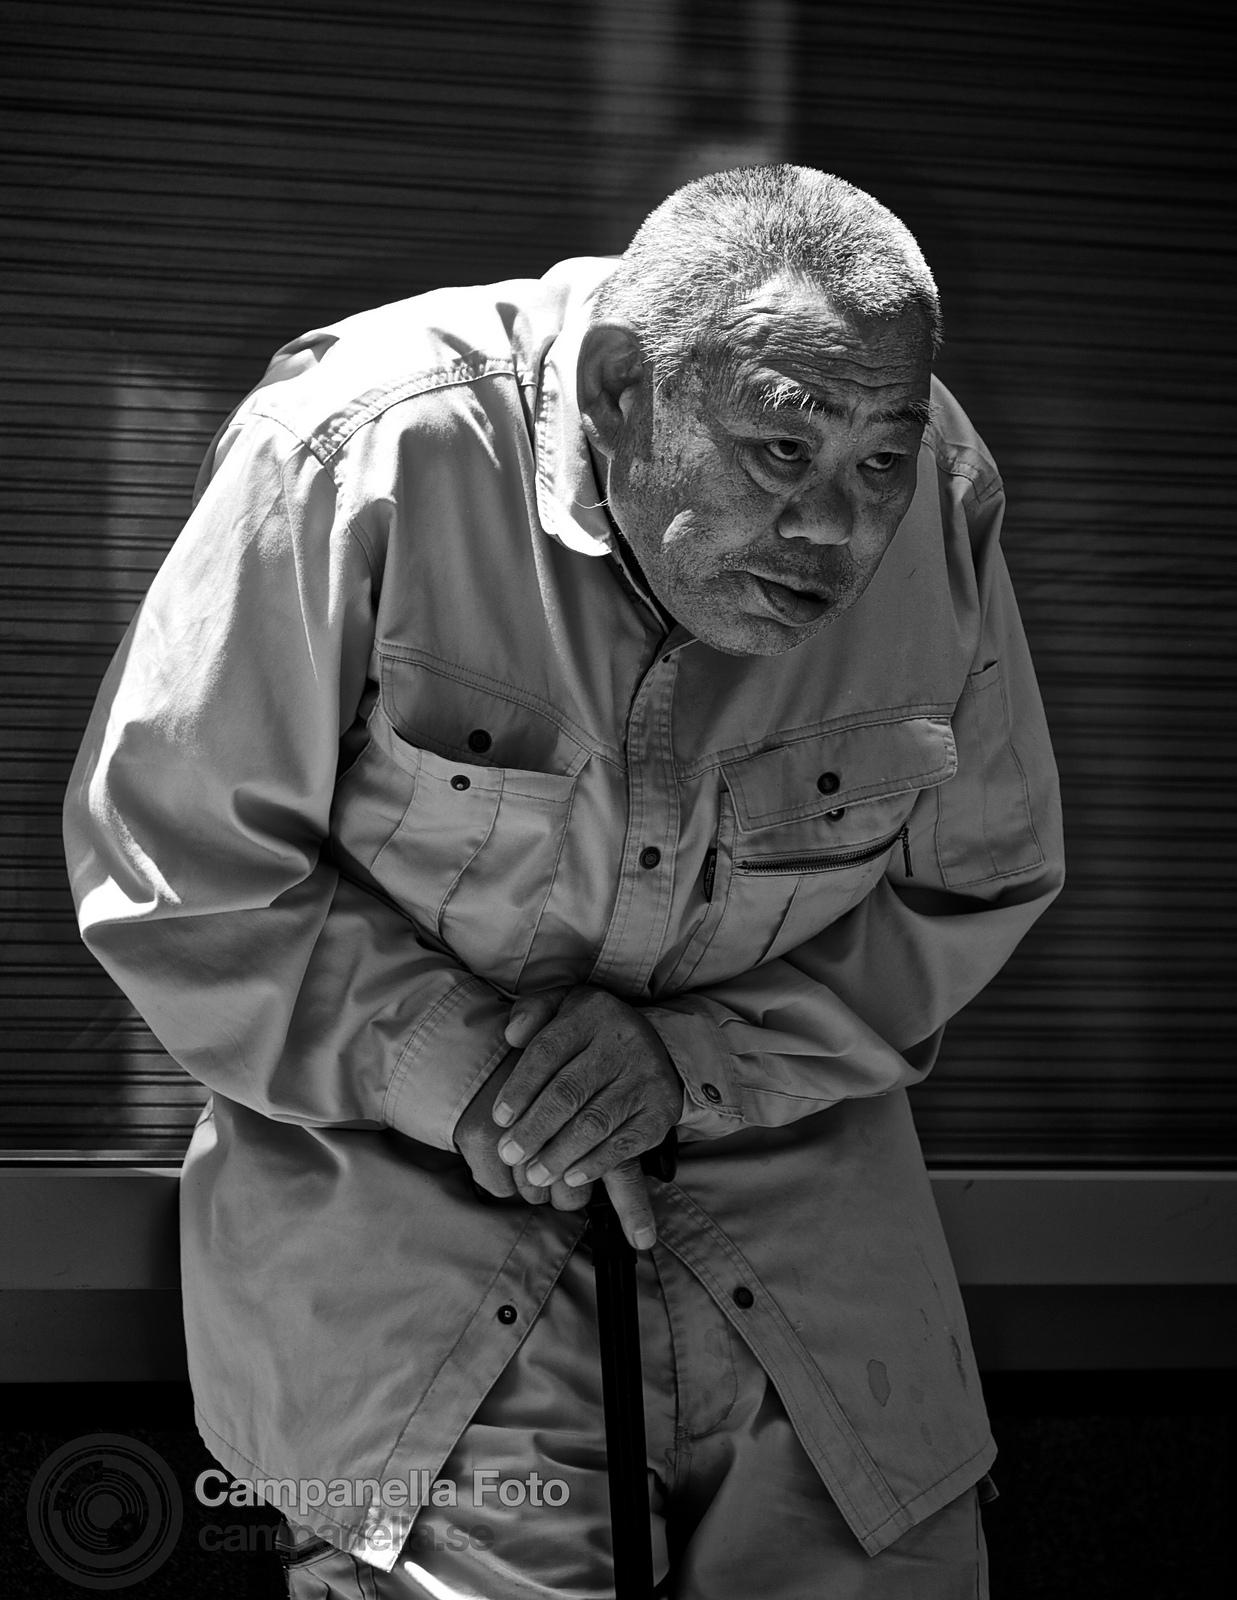 Shinjuku Man (Japan - May 2013)